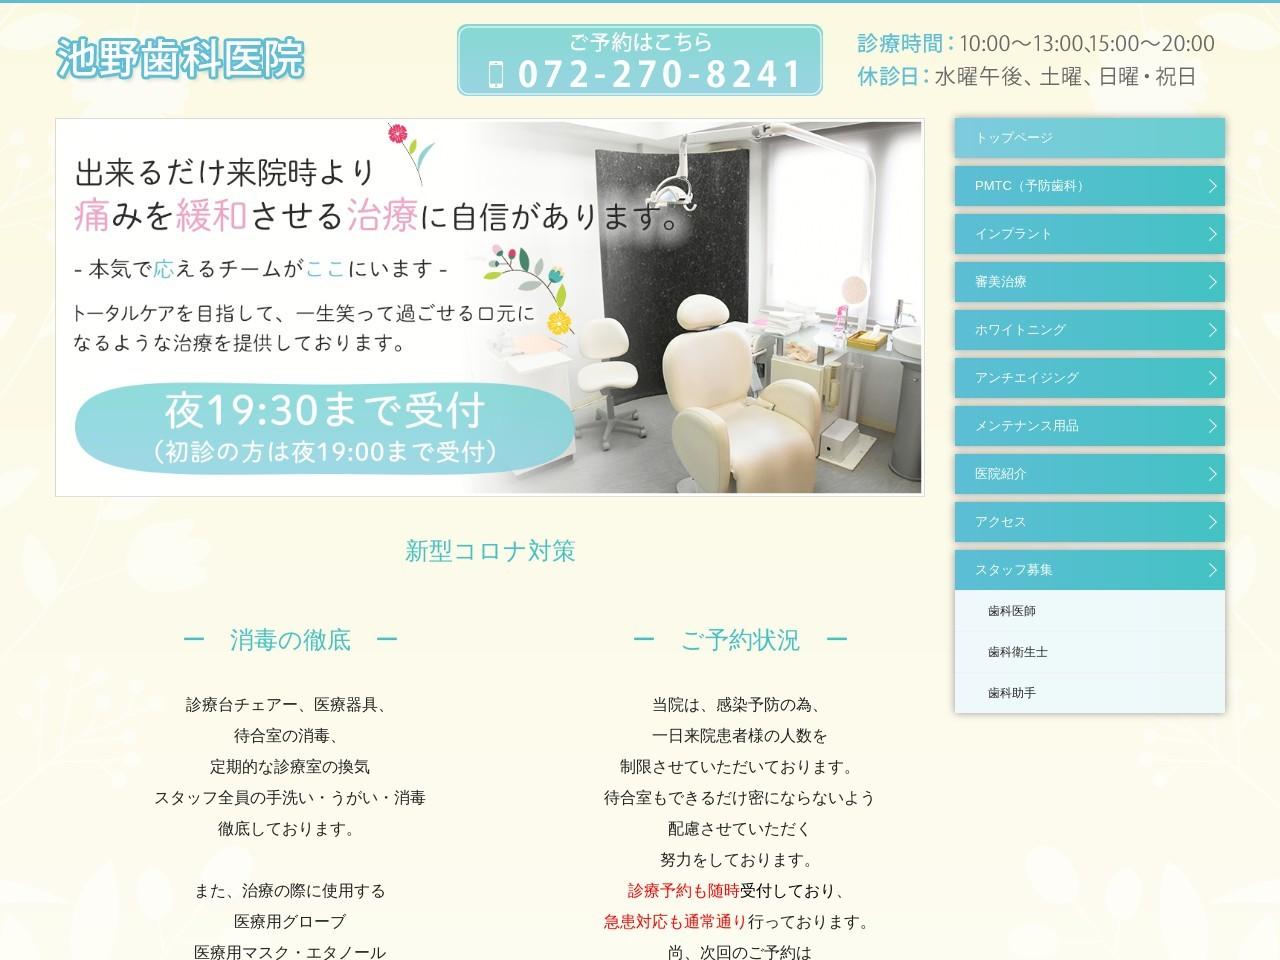 池野歯科医院 (大阪府堺市中区)